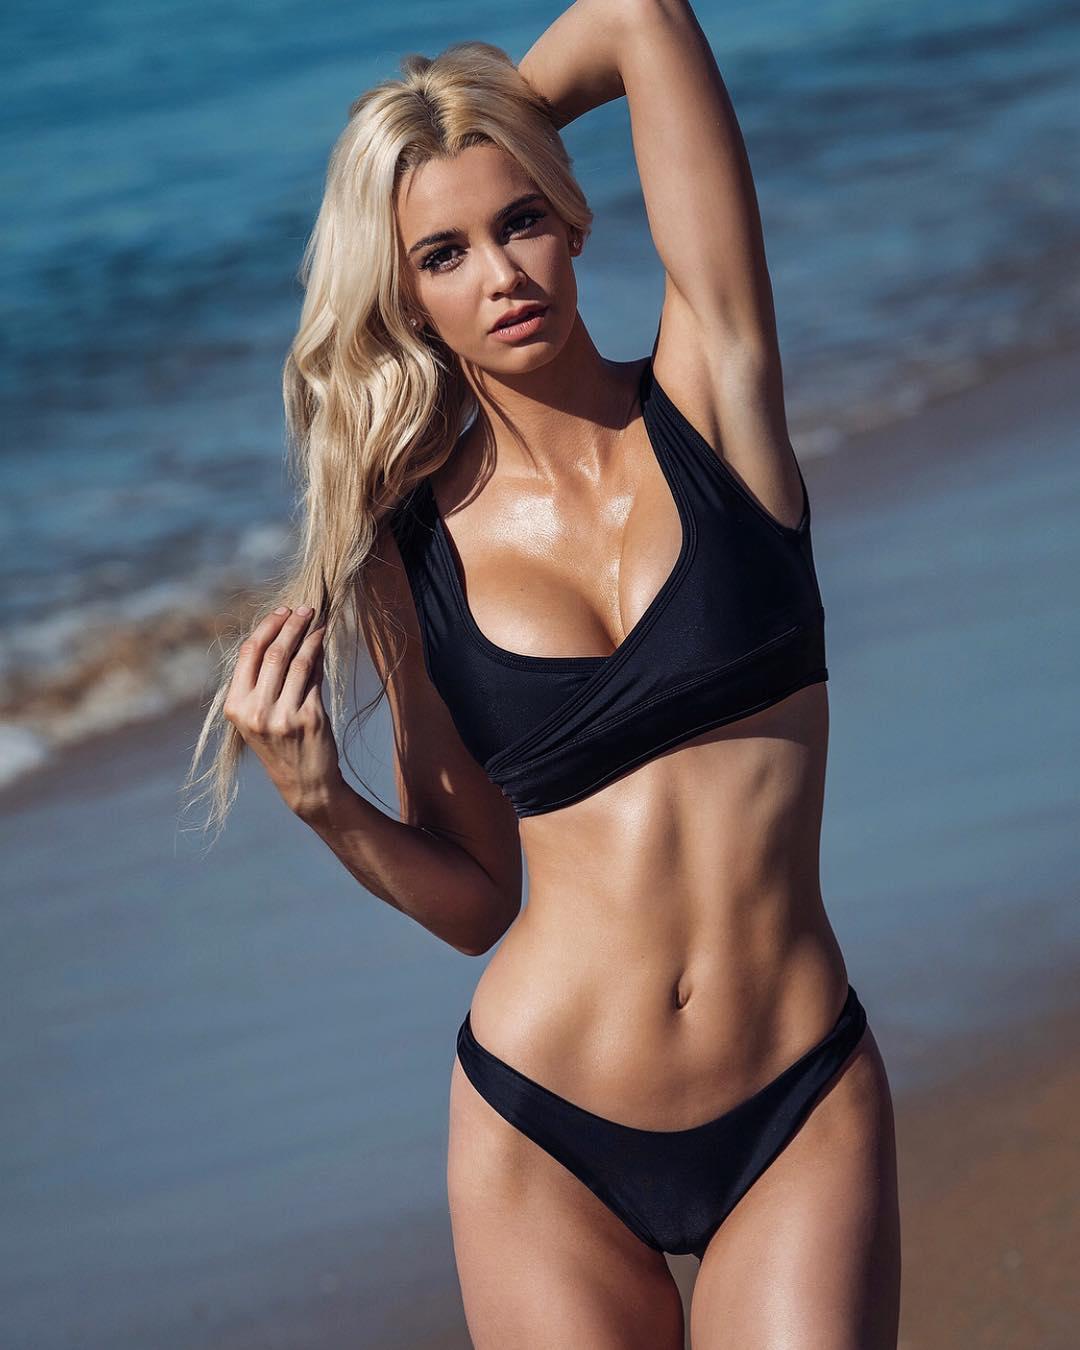 Fotos Caitlin Arnett nudes (96 foto and video), Ass, Bikini, Twitter, cameltoe 2006